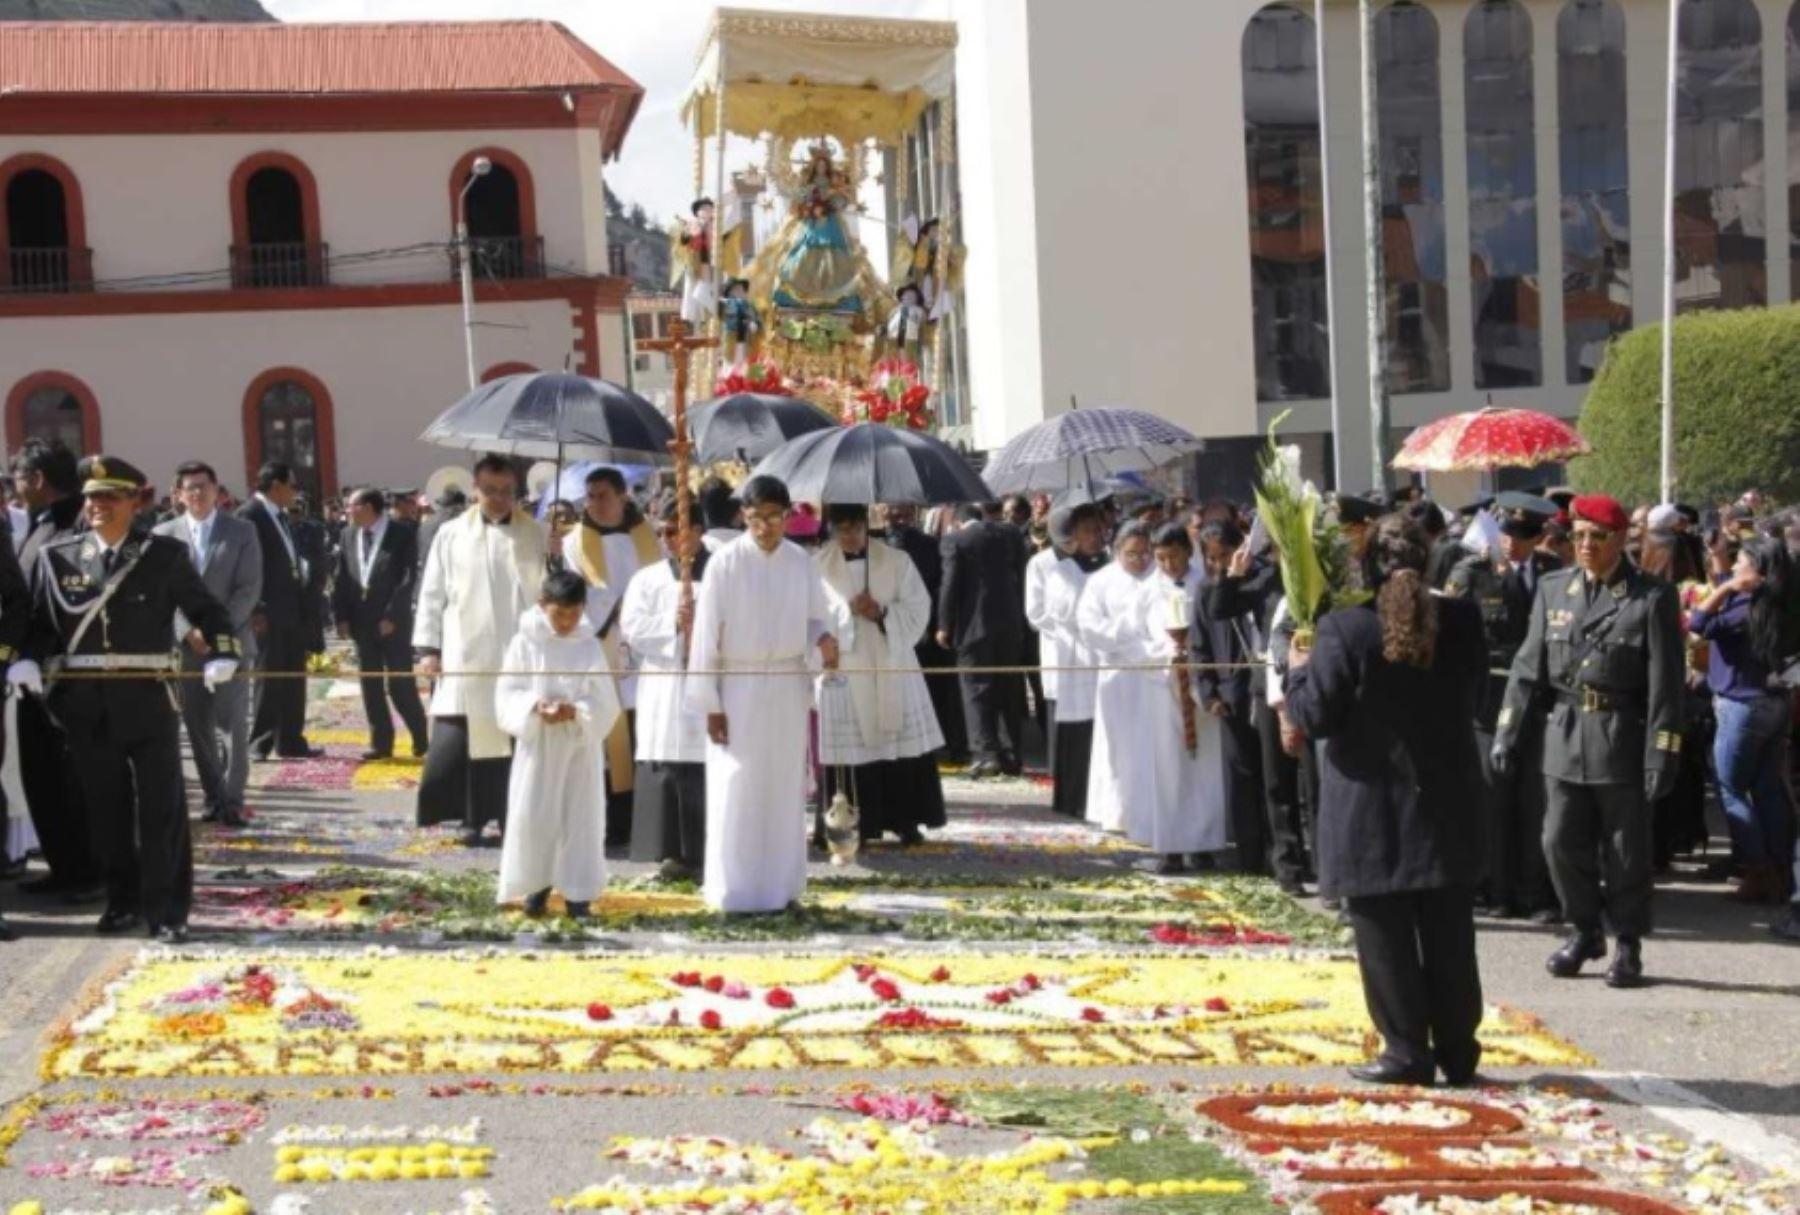 """Con una participación multitudinaria de fieles católicos y las autoridades de Puno empezaron los actos celebratorios en honor a la """"octava"""" de la festividad de la Virgen de la Candelaria, en el que destaca la participación de los conjuntos de trajes de luces."""